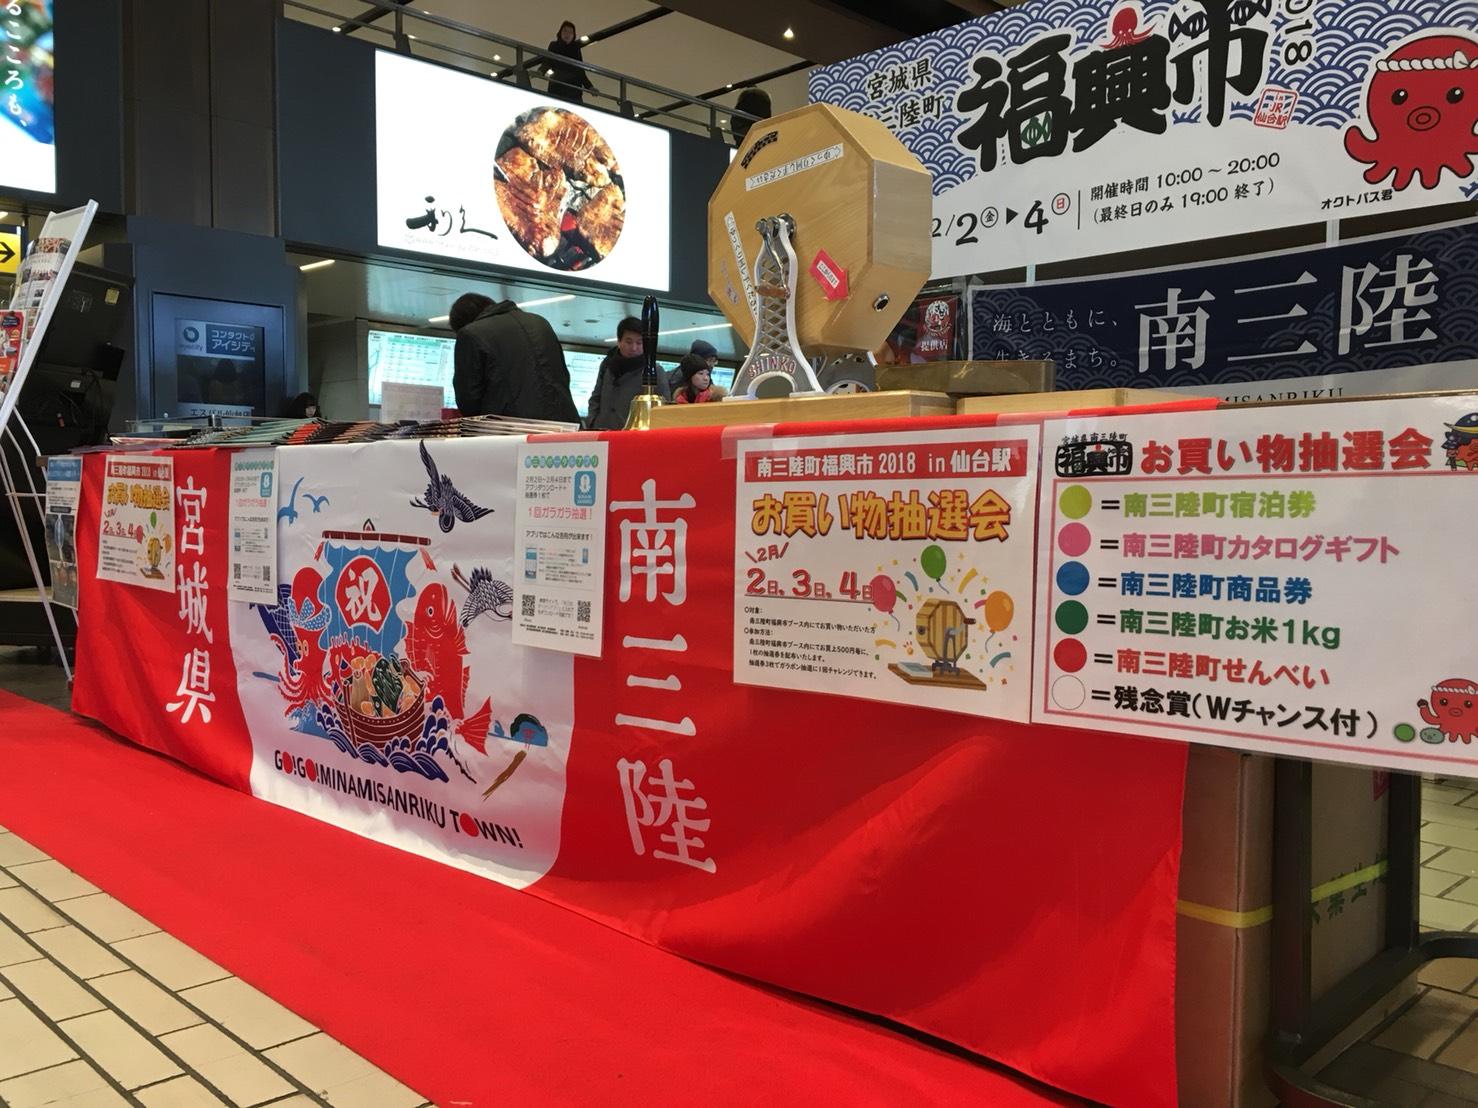 南三陸福興市2018in仙台駅!盛り上がり爆発!